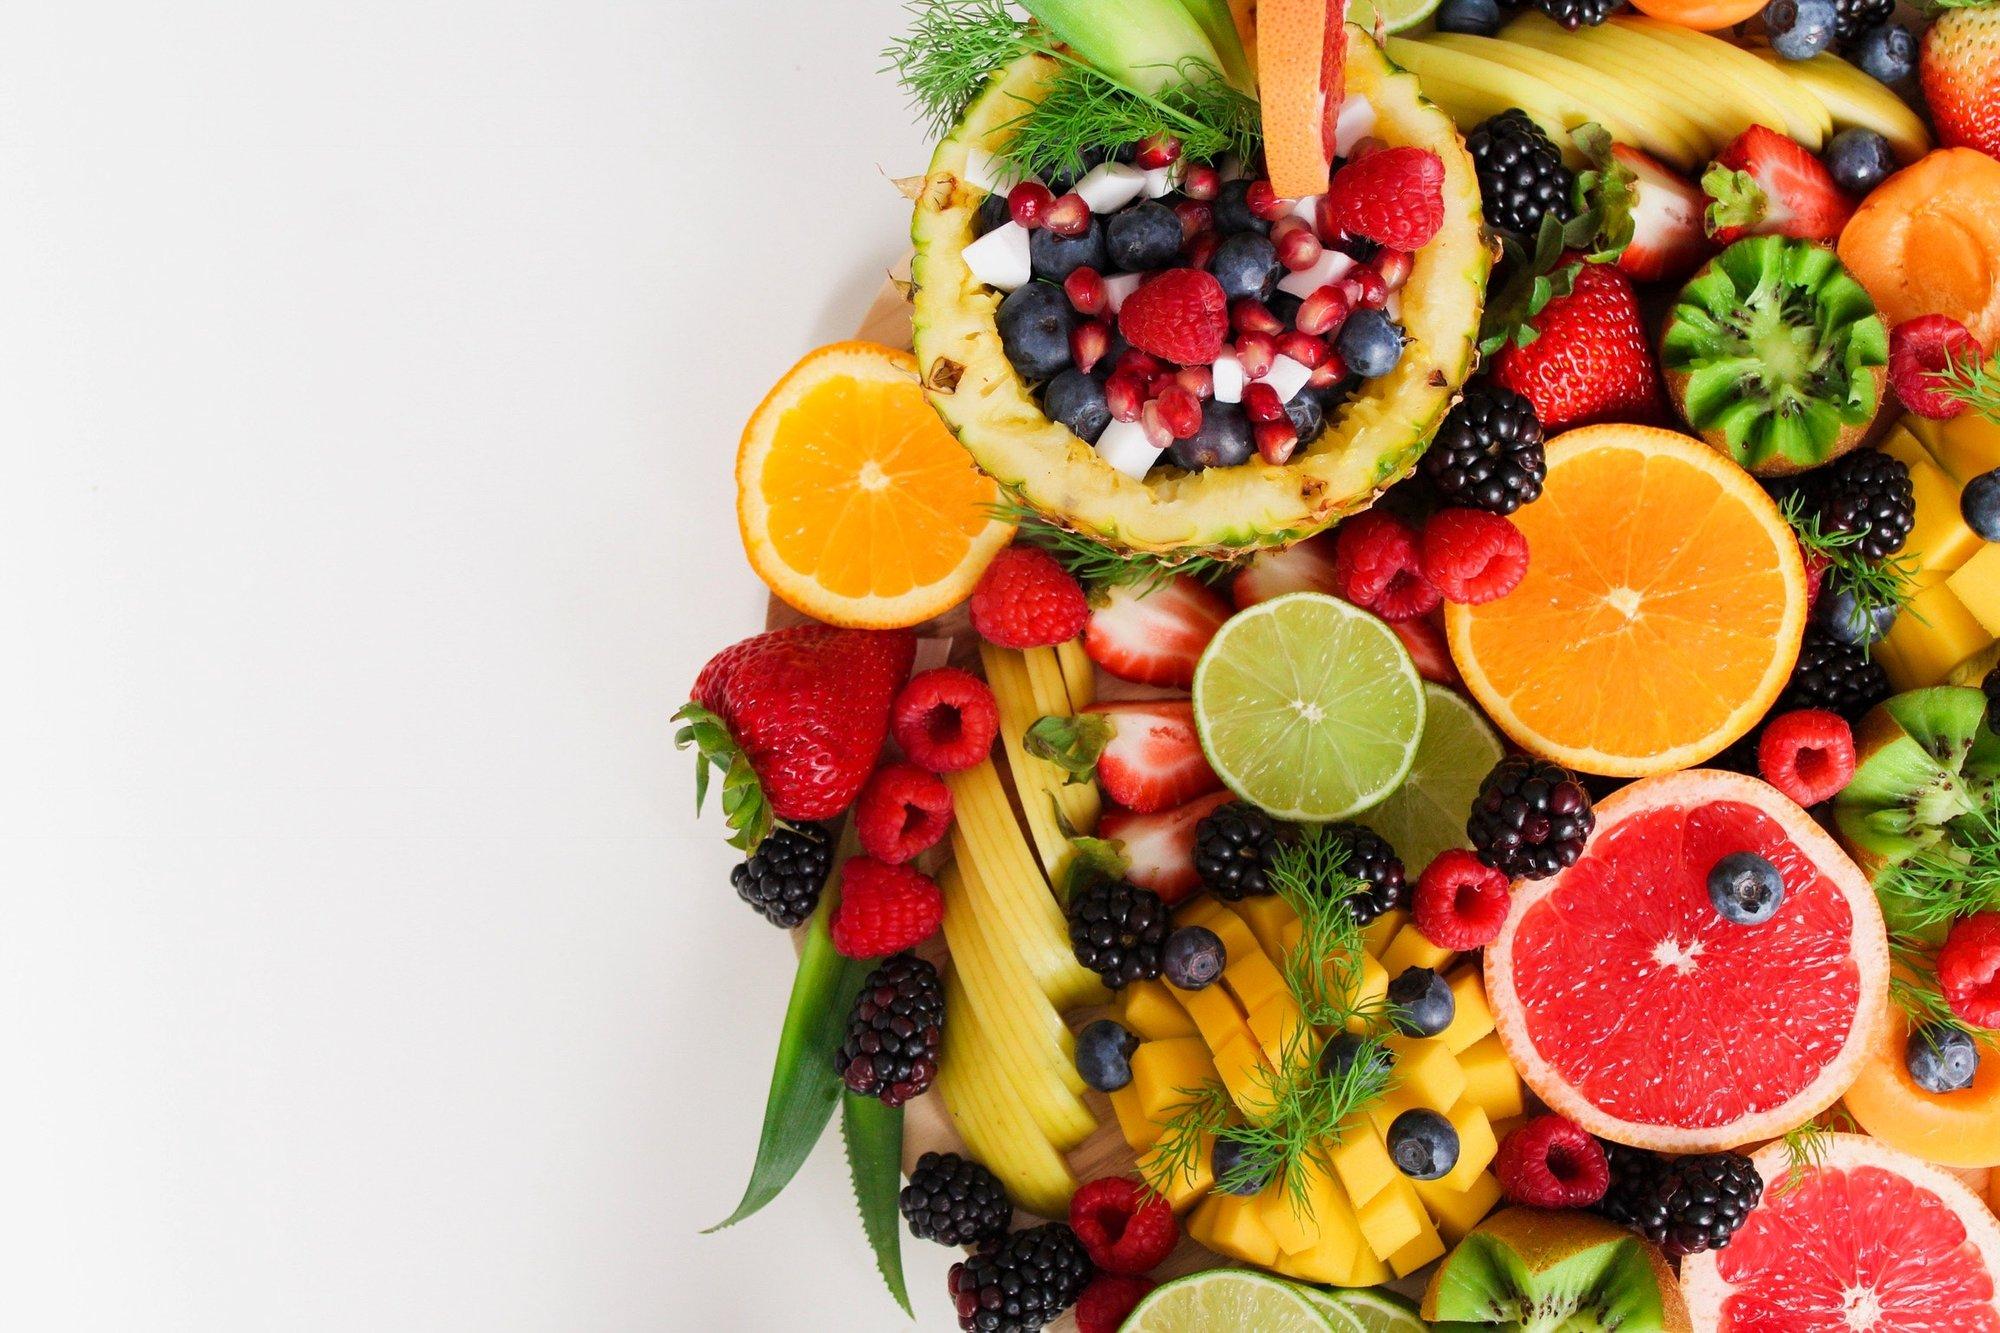 lifescape-nutrition-fruit